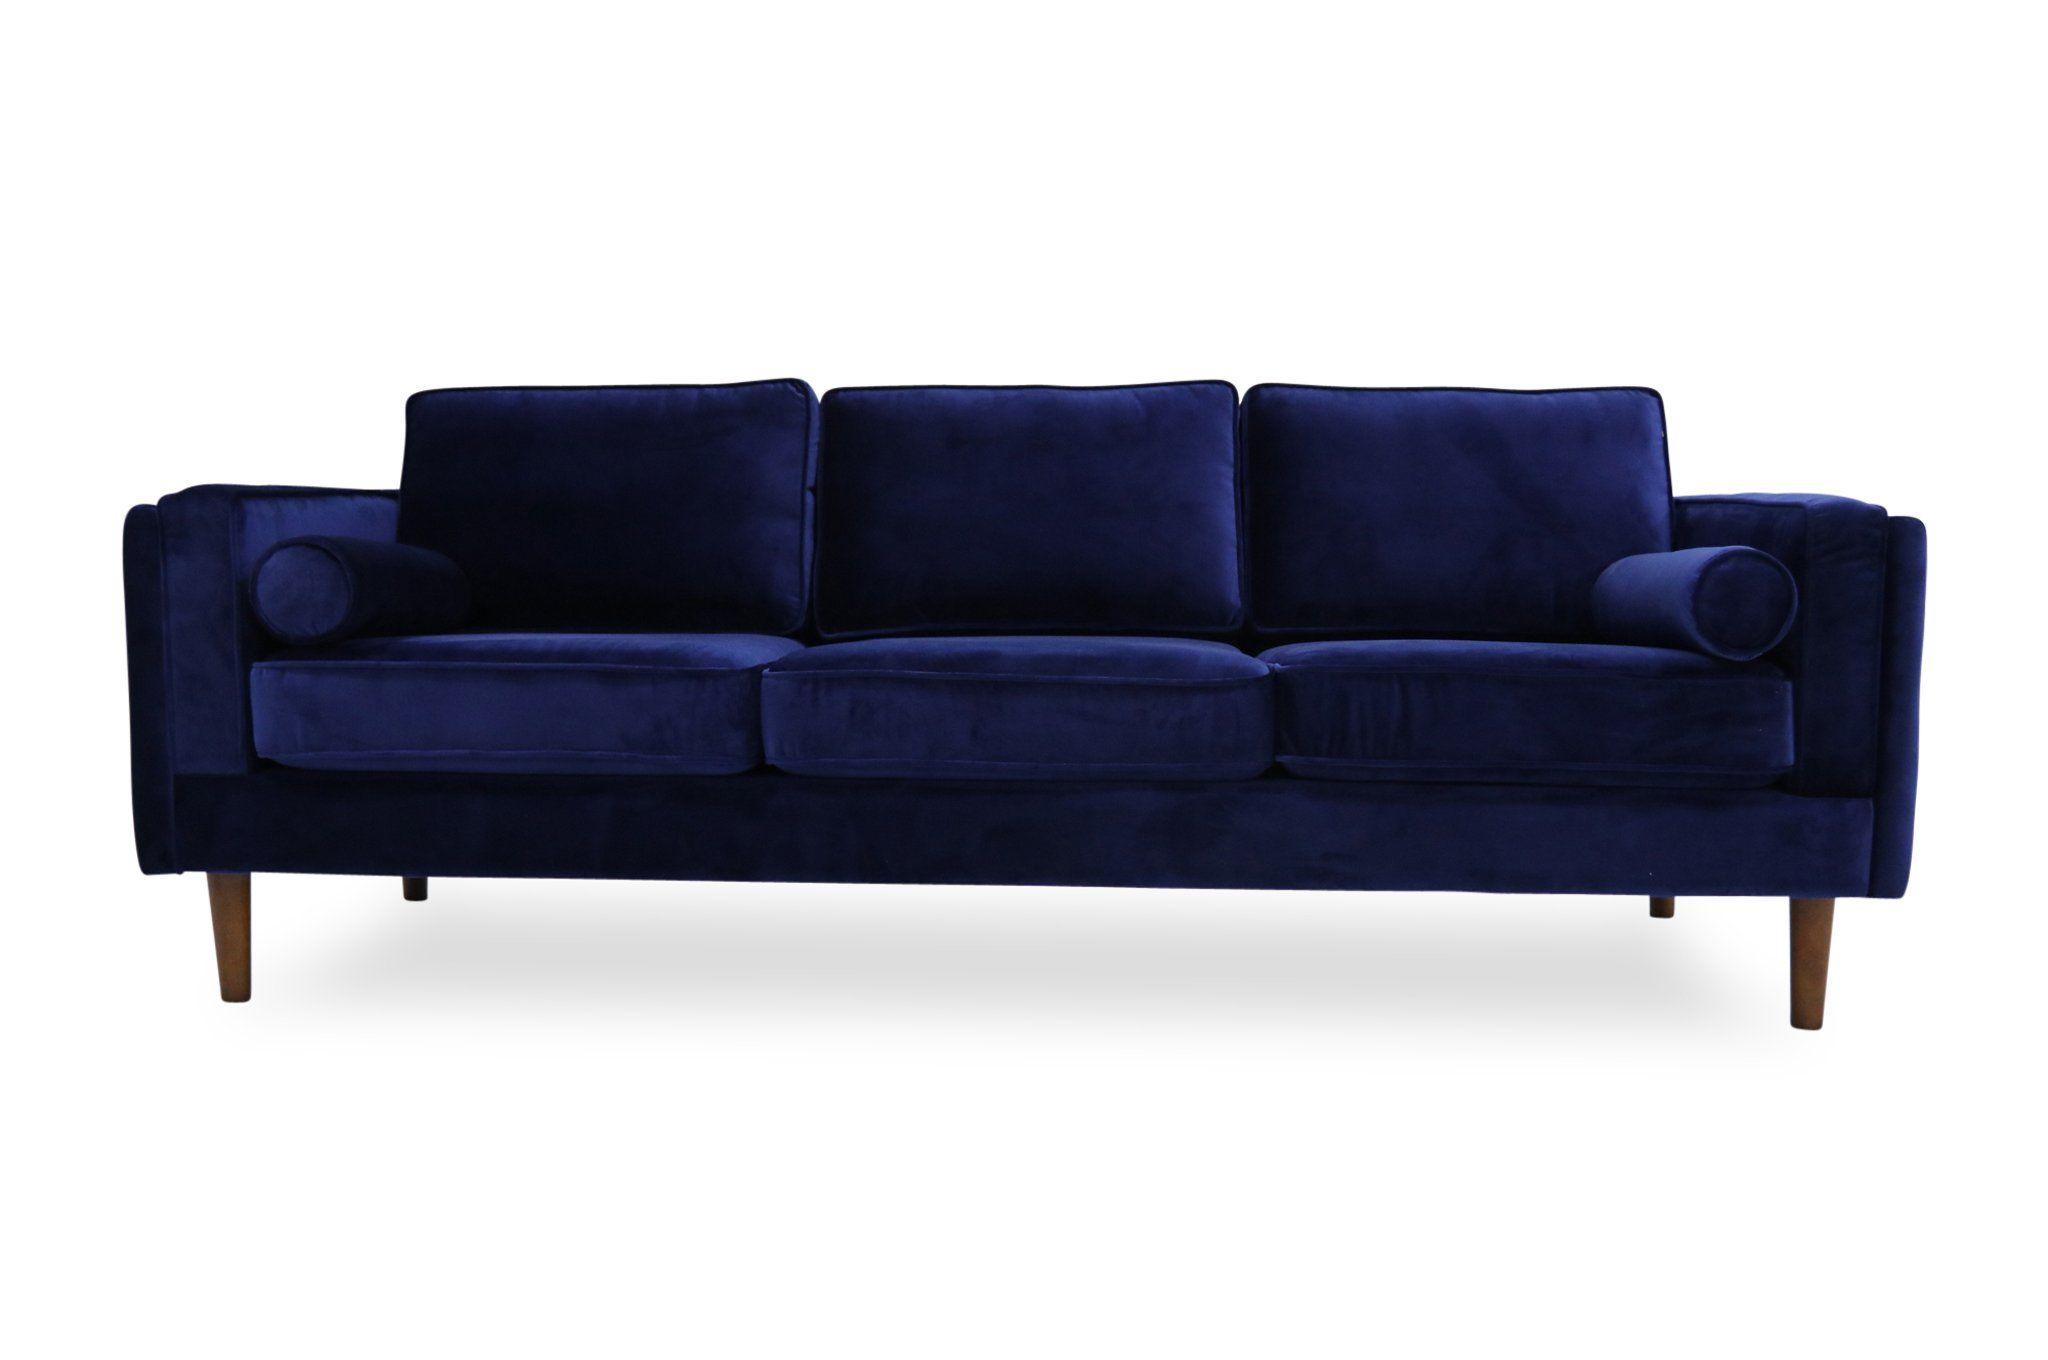 Fordham Velvet Sofa (Navy Blue) | Home sweet Home in 2019 ...